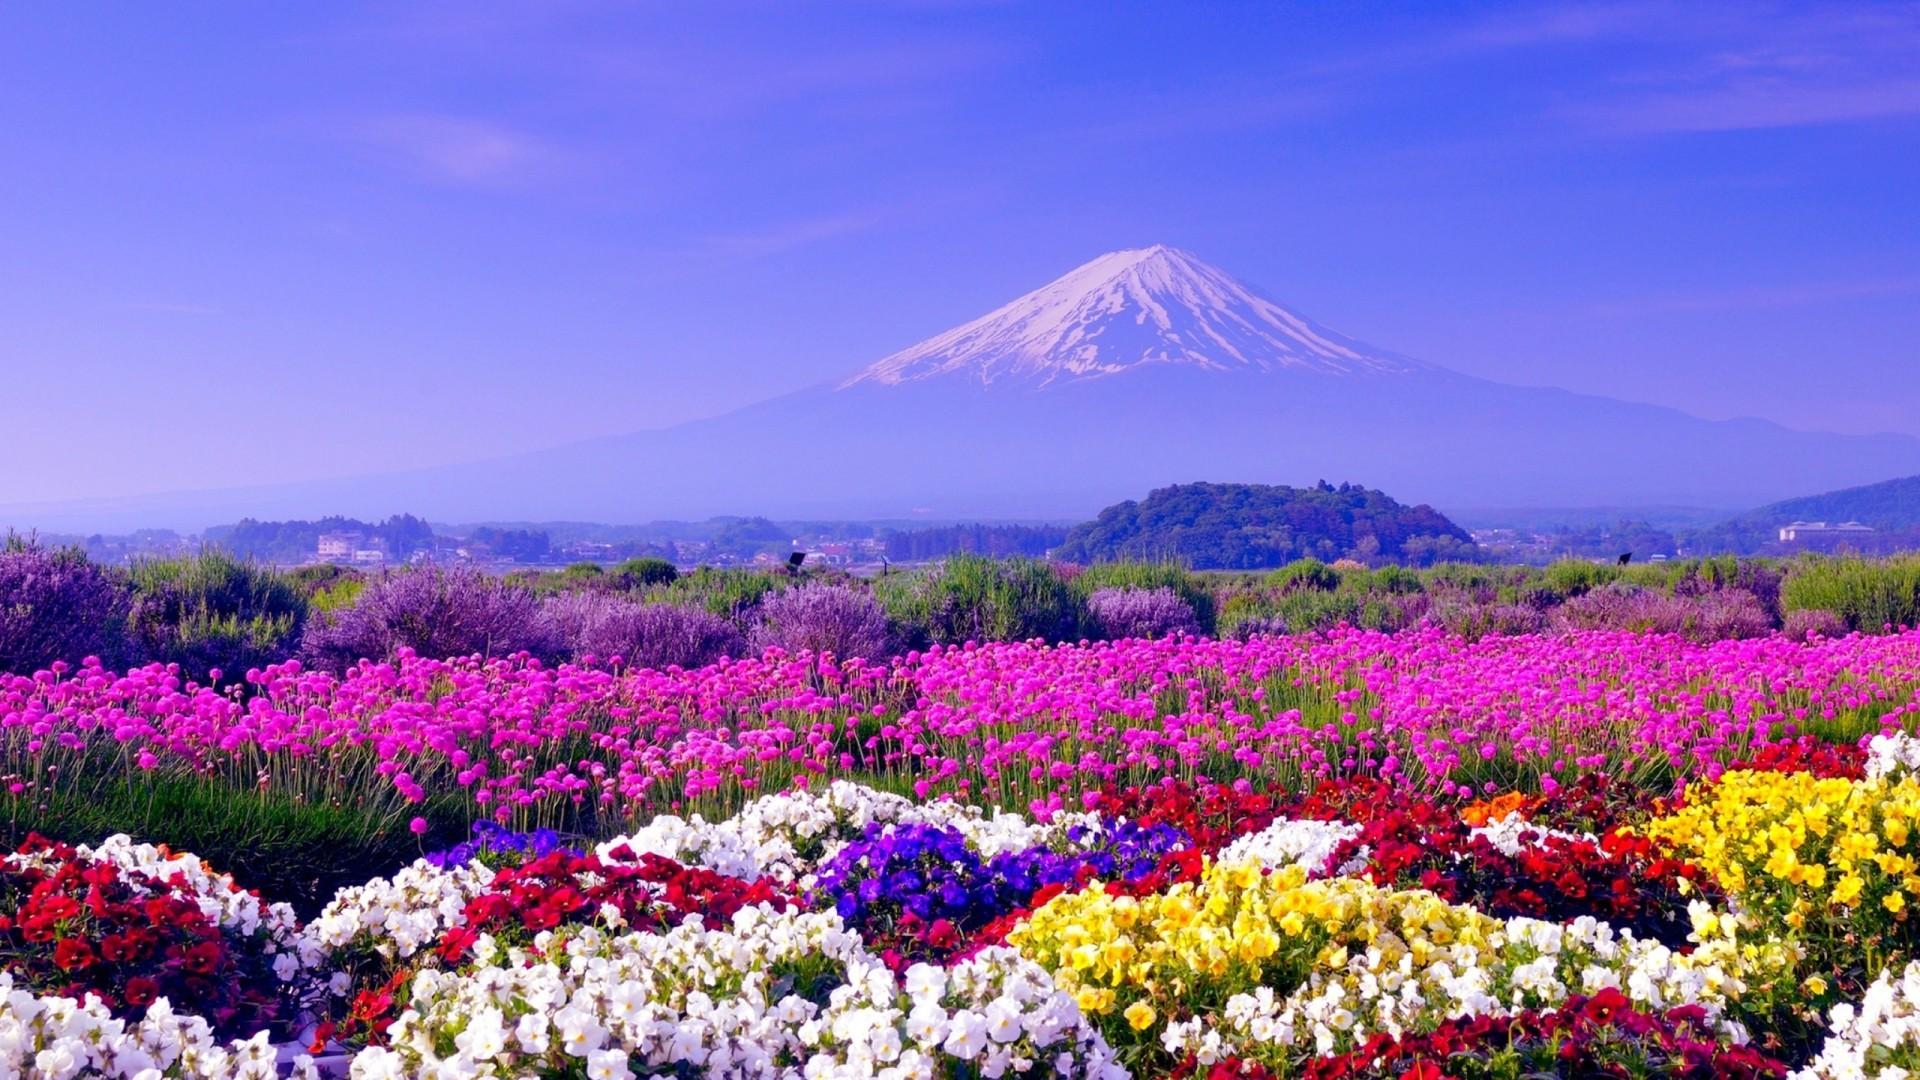 hình ảnh phong cảnh mùa xuân